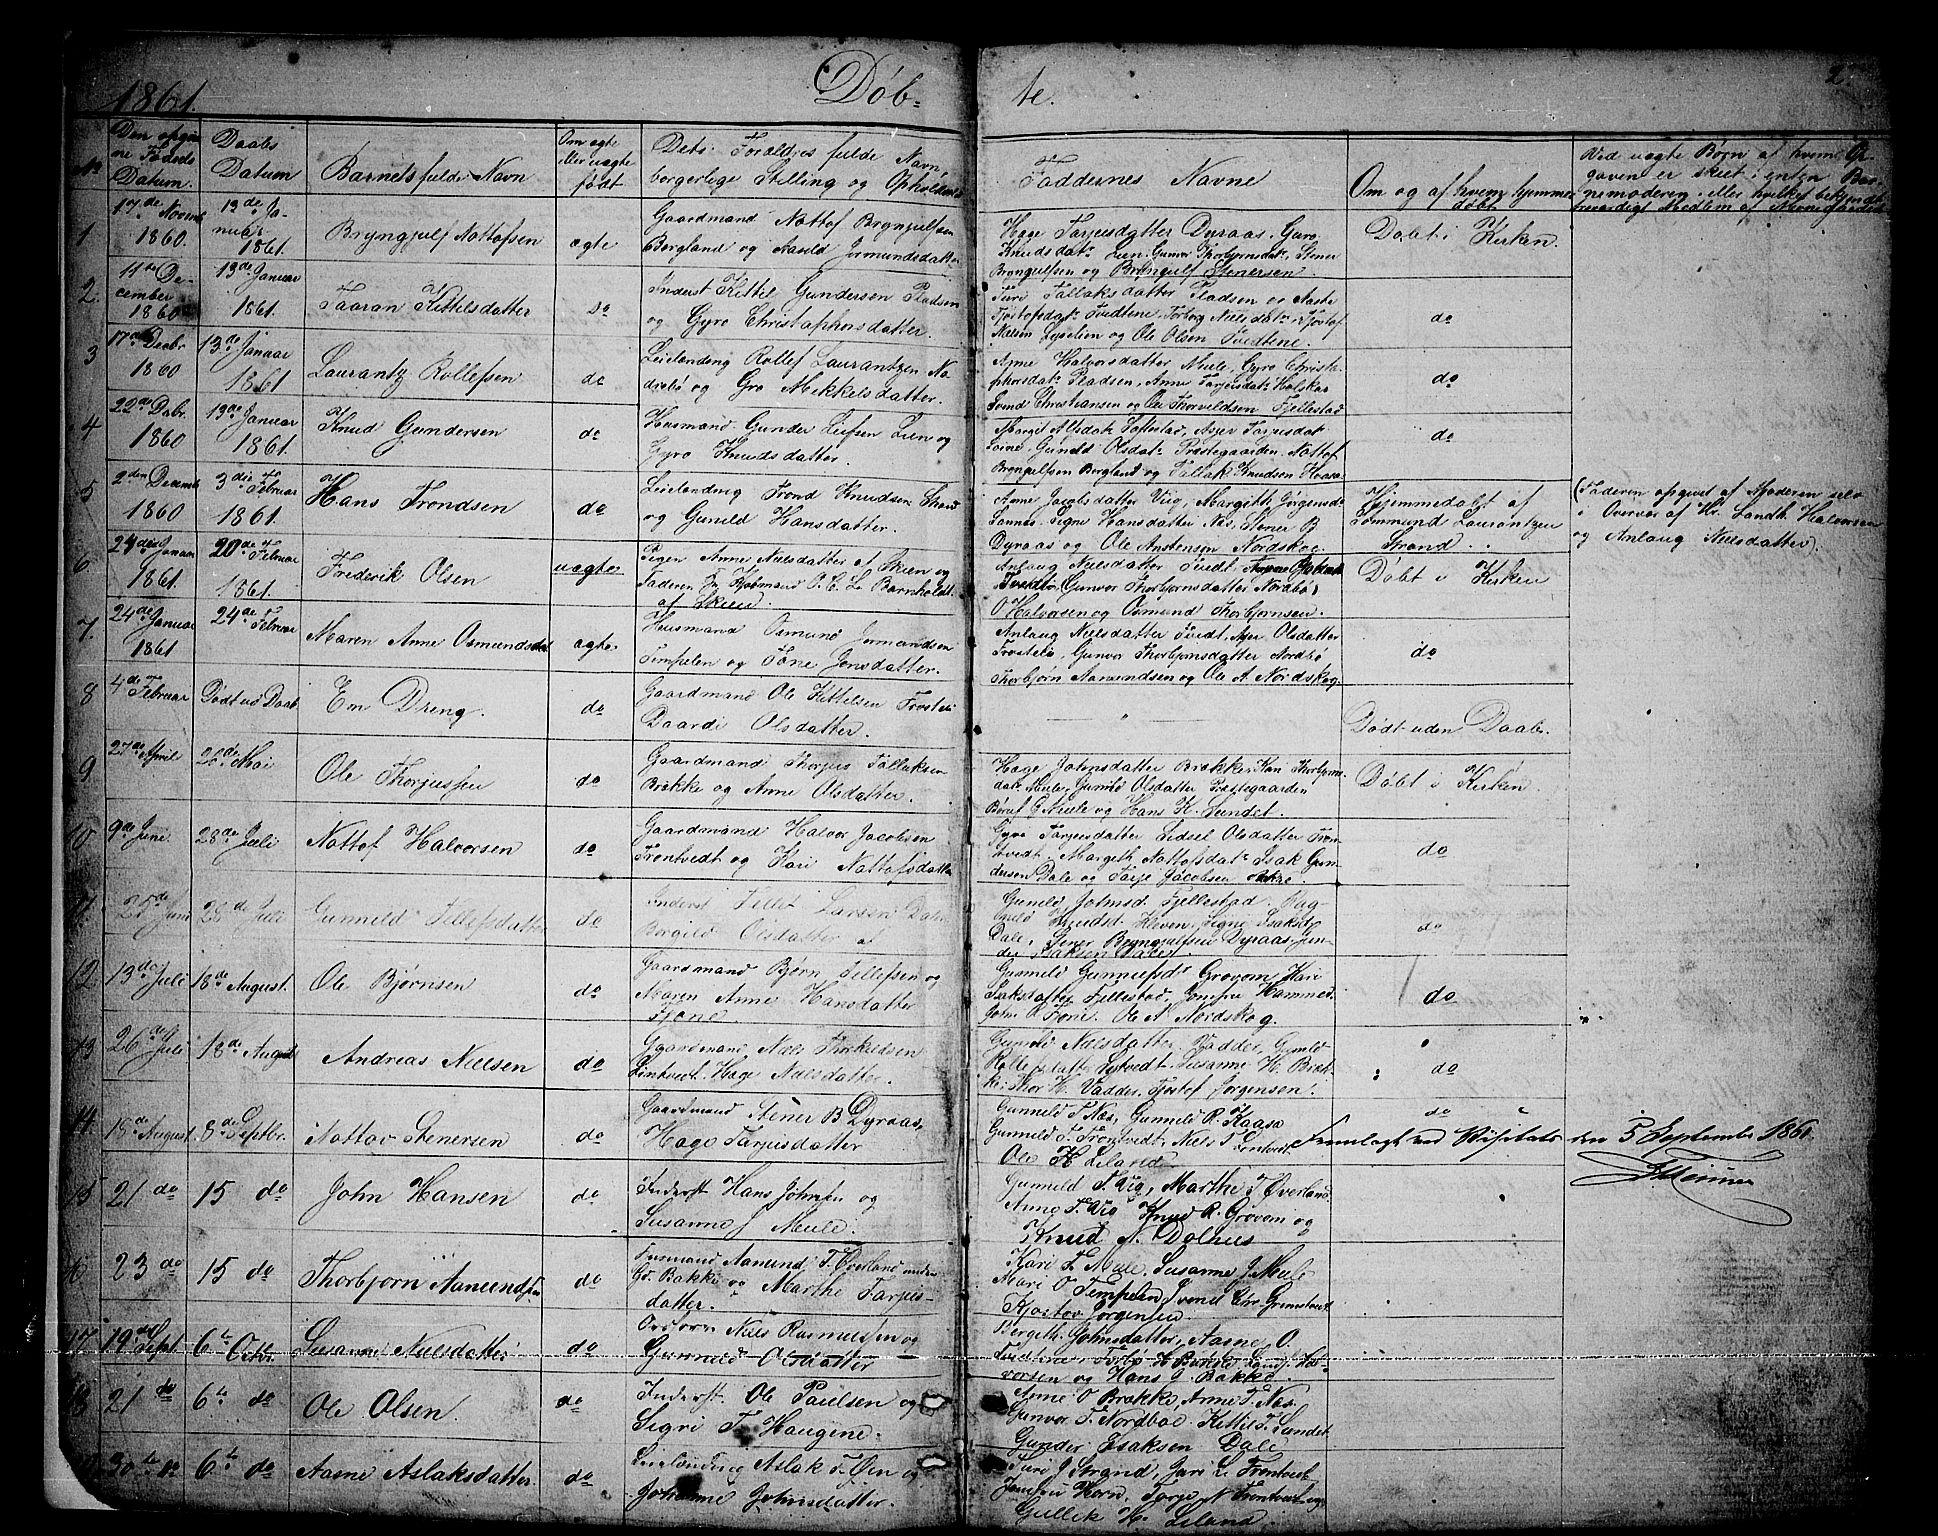 SAKO, Nissedal kirkebøker, G/Ga/L0002: Klokkerbok nr. I 2, 1861-1887, s. 2